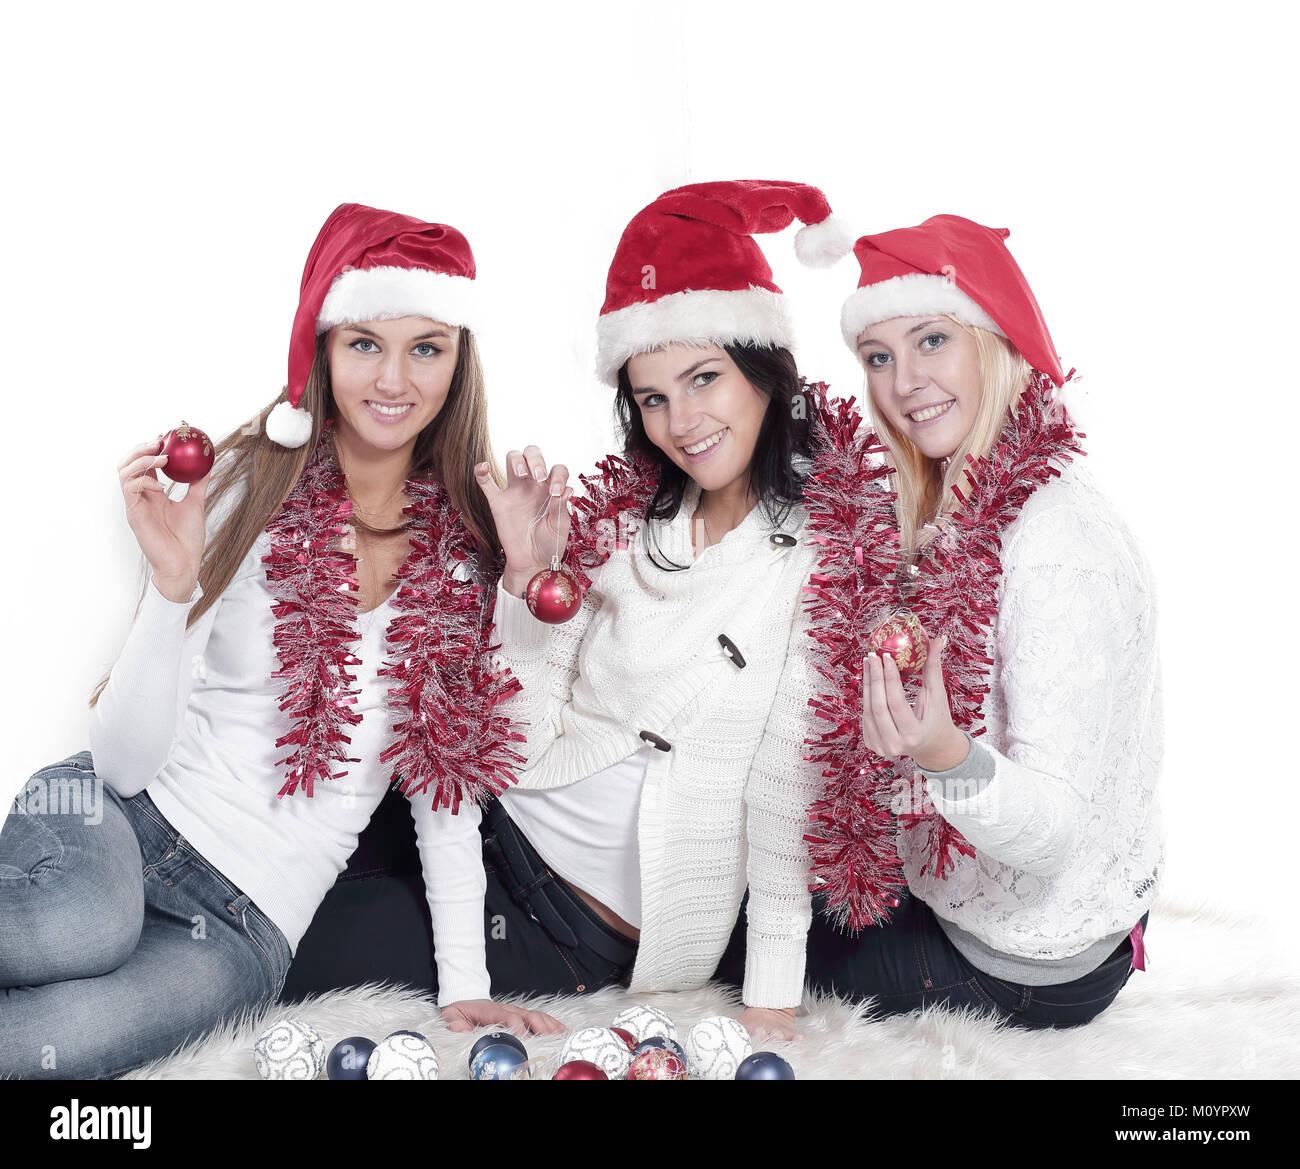 Foto Di Natale Con Donne.Primo Piano Tre Giovani Donne In Cappelli Di Babbo Natale